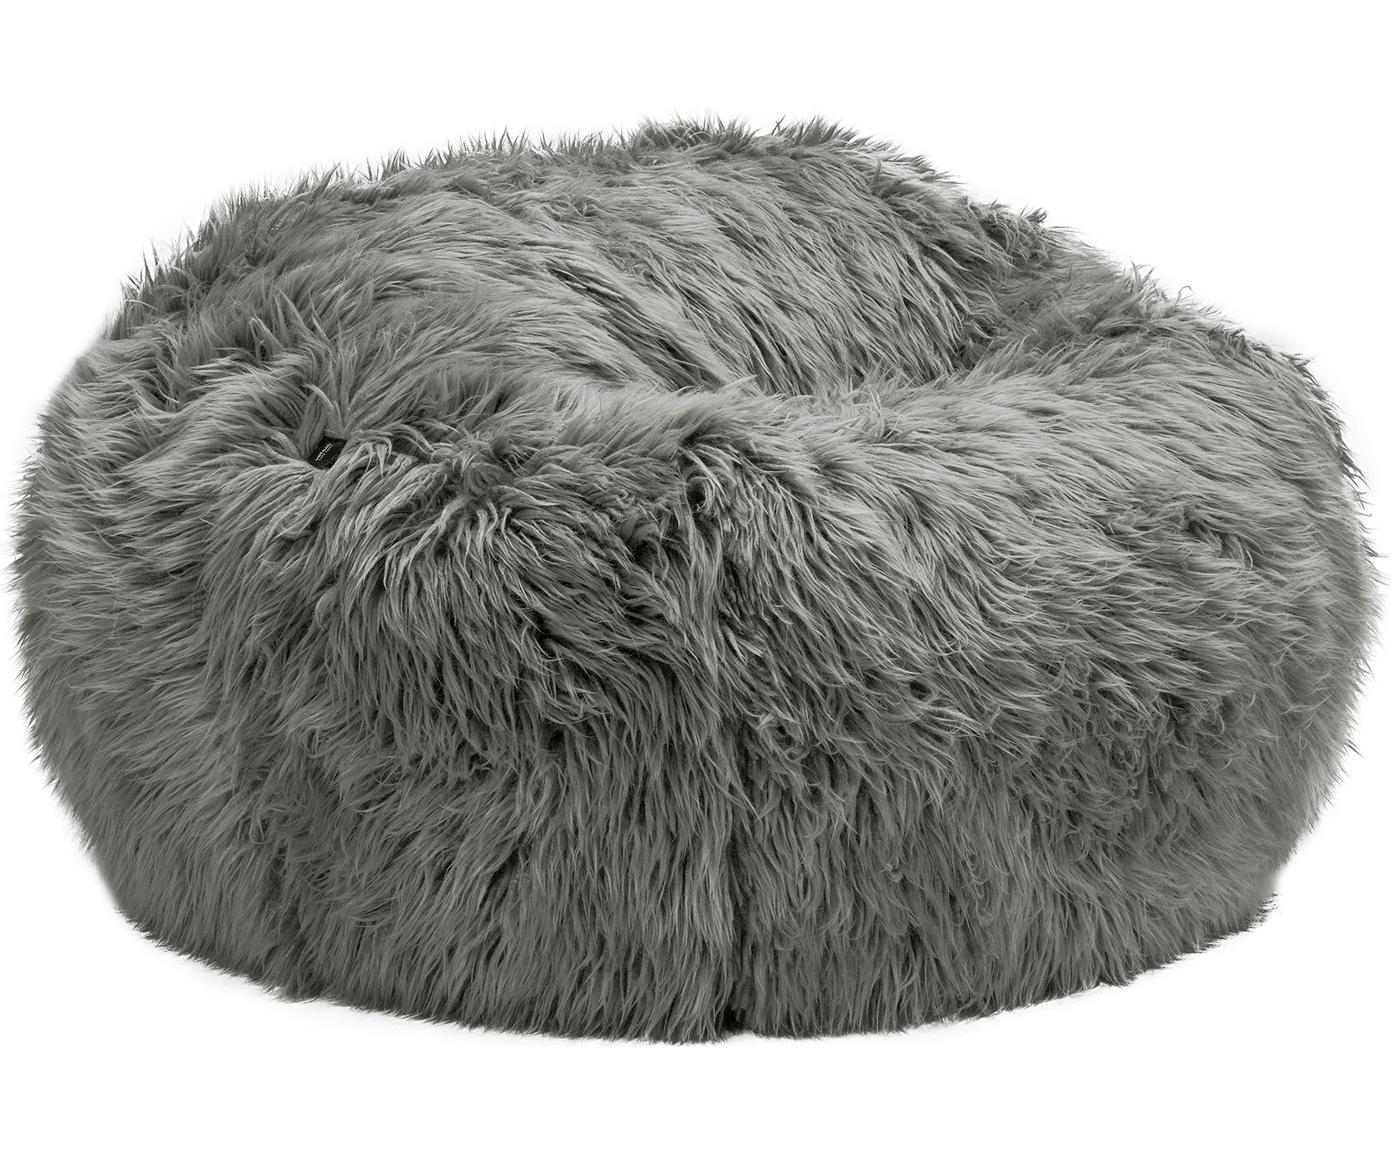 Poduszka do siedzenia z tworzywa sztucznego Flokati, Tapicerka: 95% akryl, 5% poliester 4, Szary, Ø 110 x W 70 cm